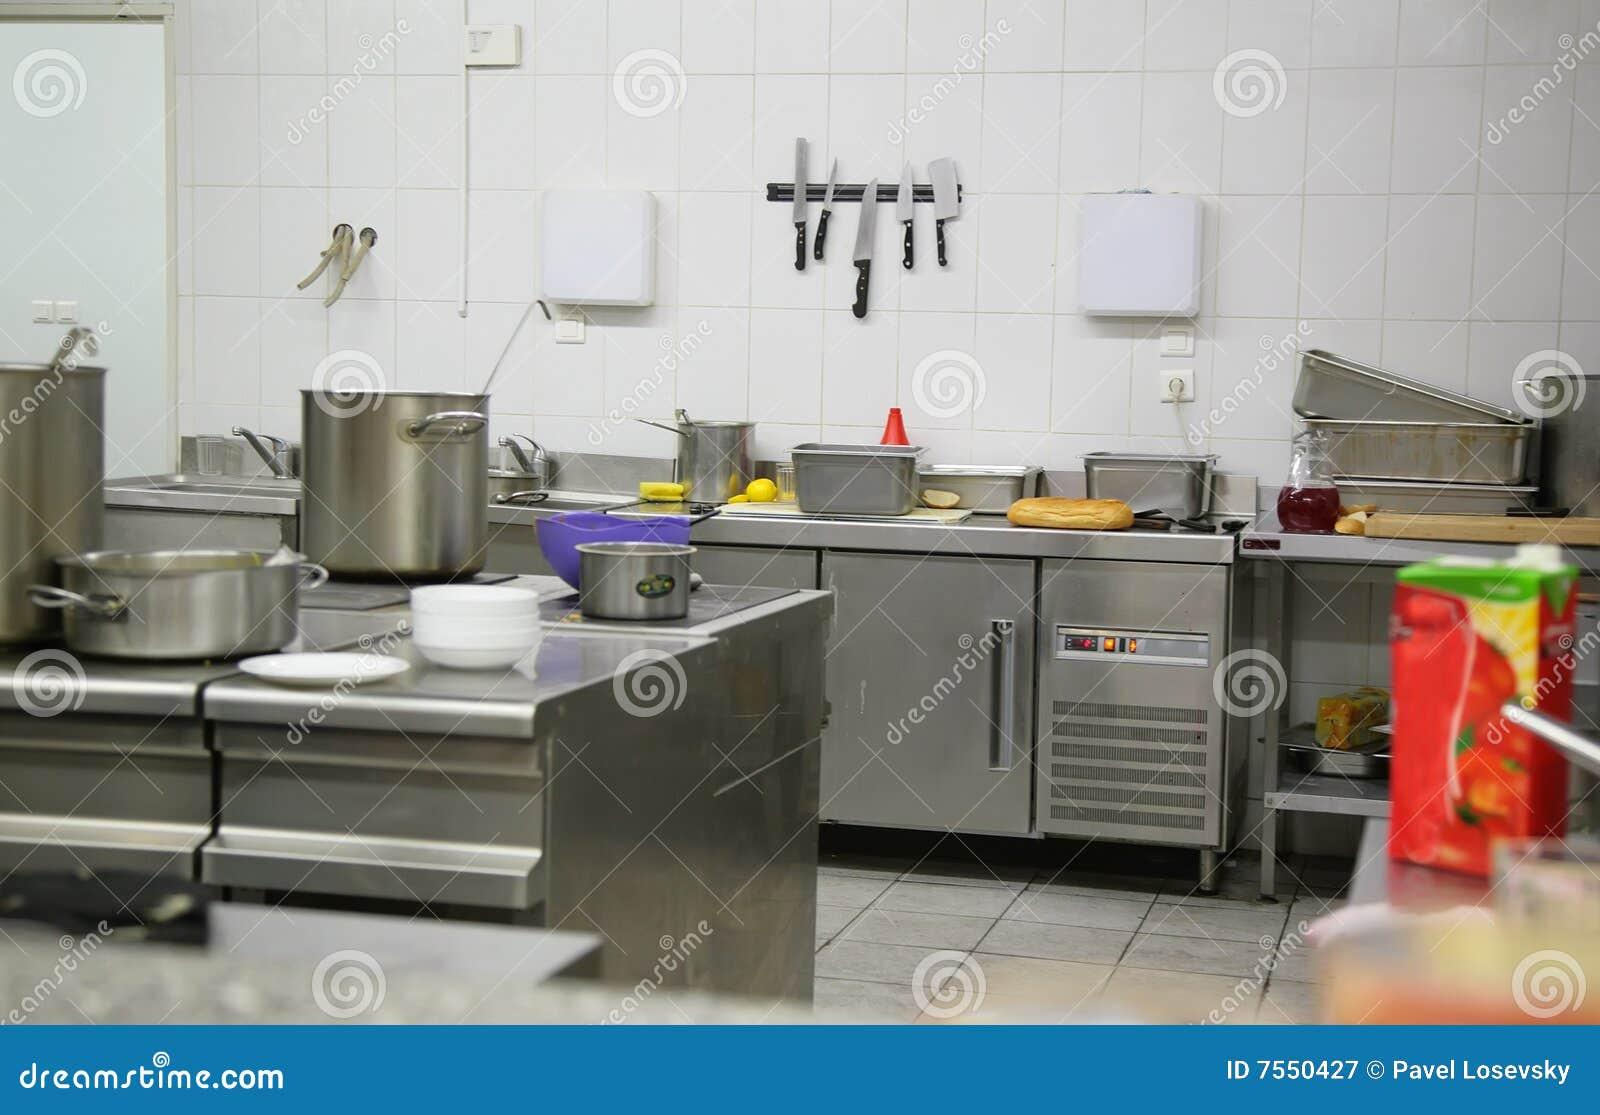 Cozinha industrial #AC2B1F 1300 923